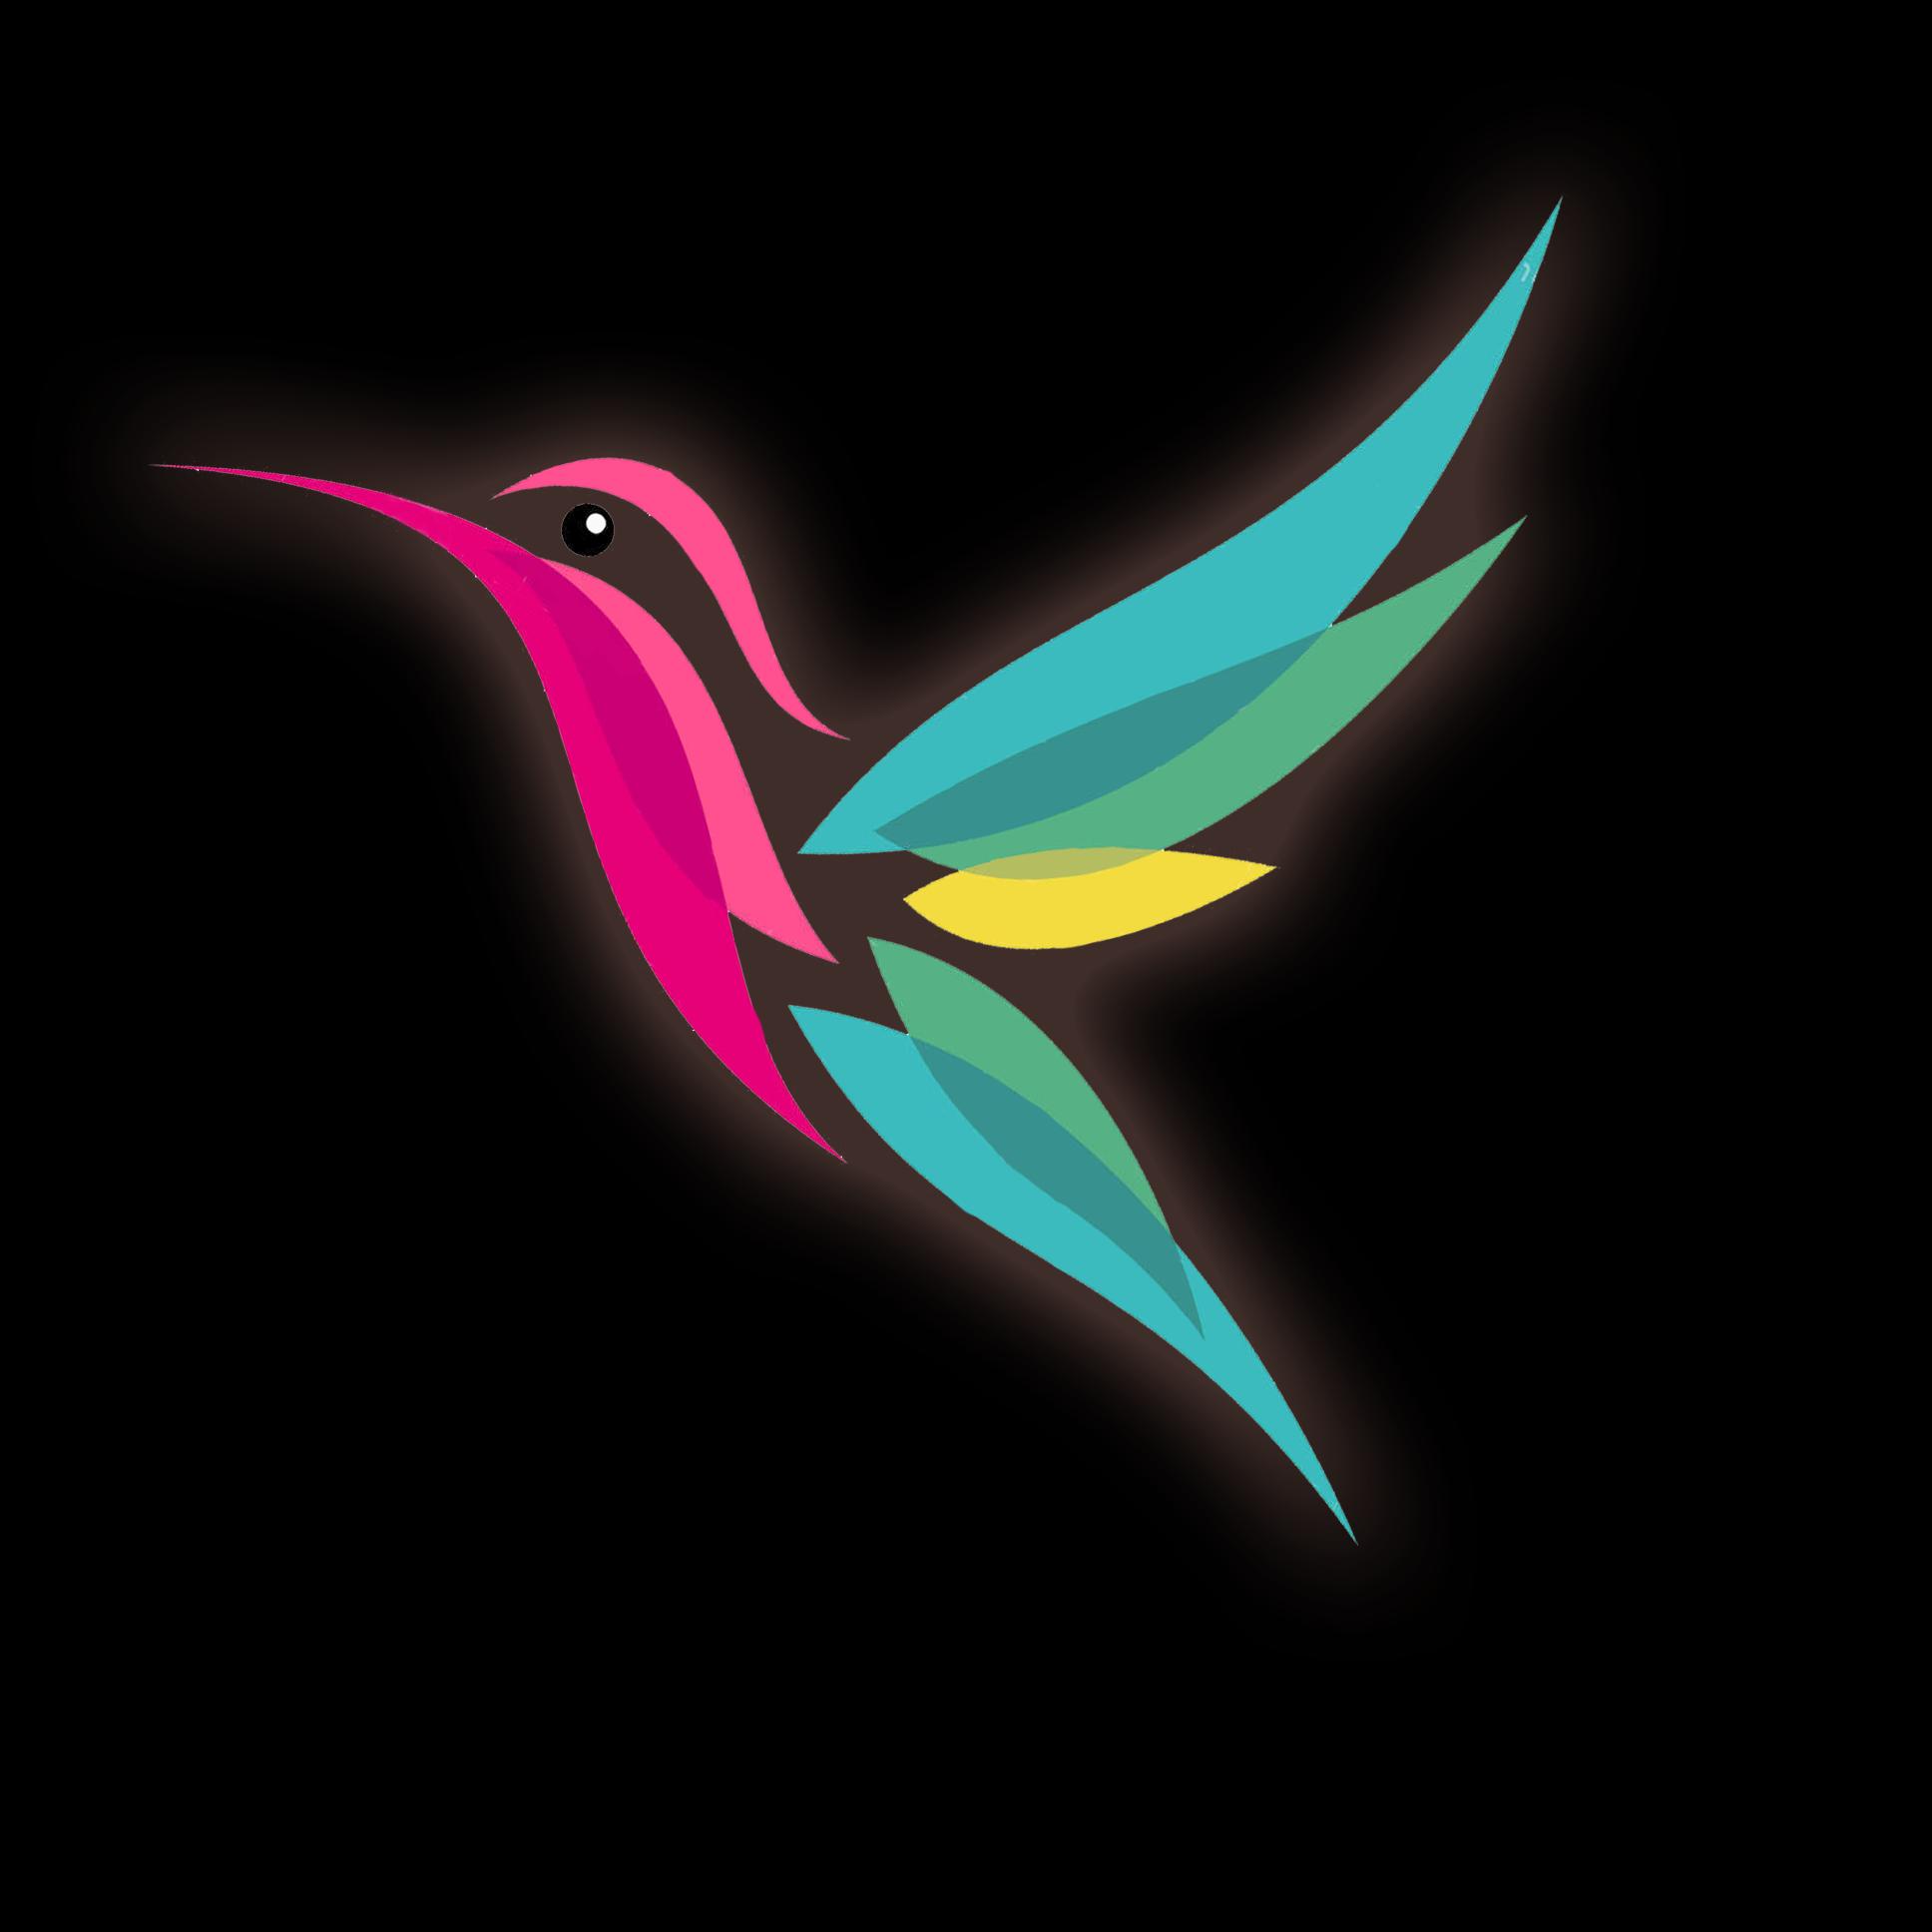 Harmonious Hummingbird